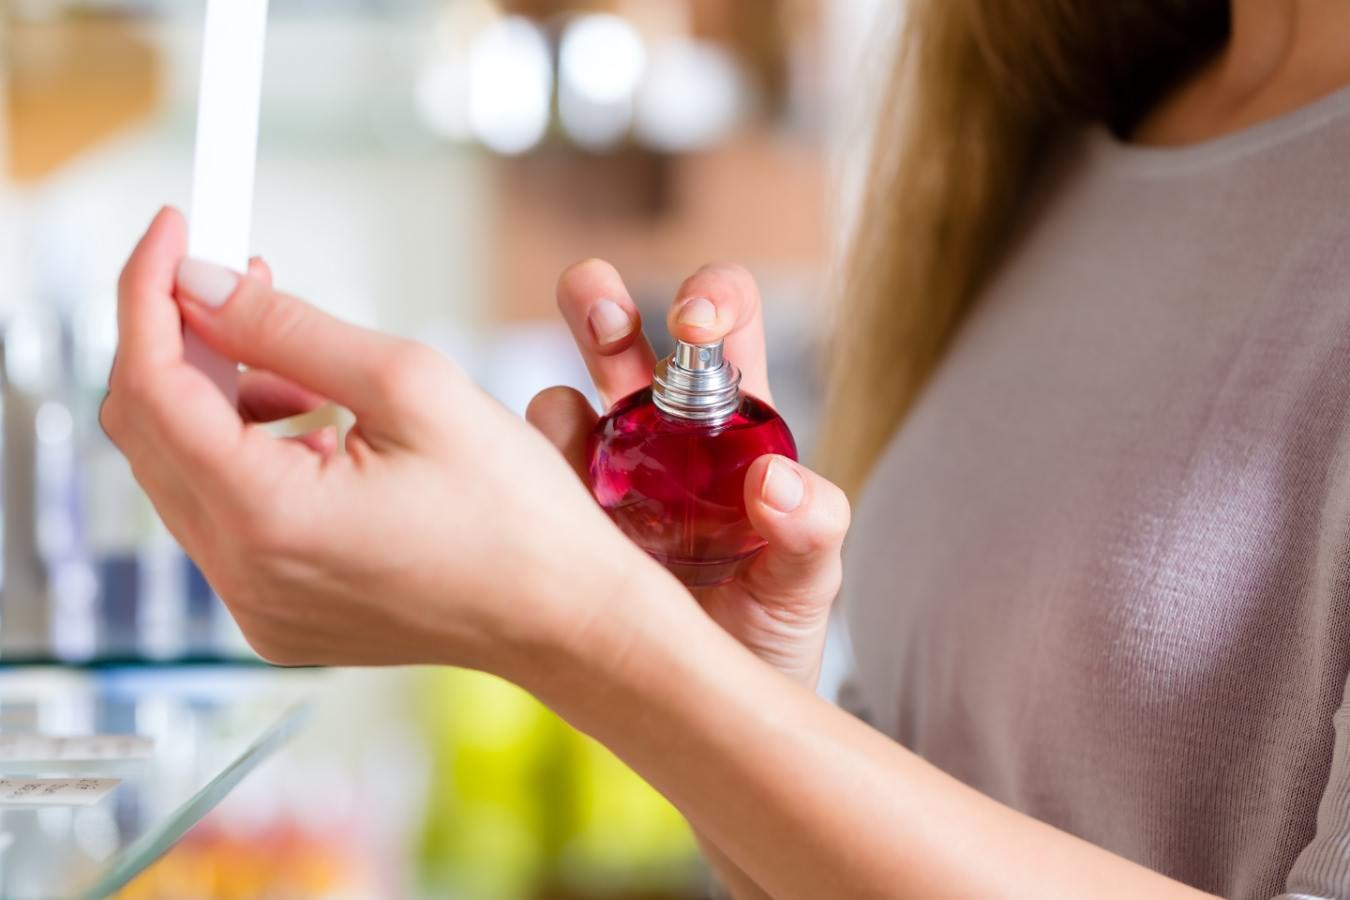 zena-prska-parfem-na-ruku